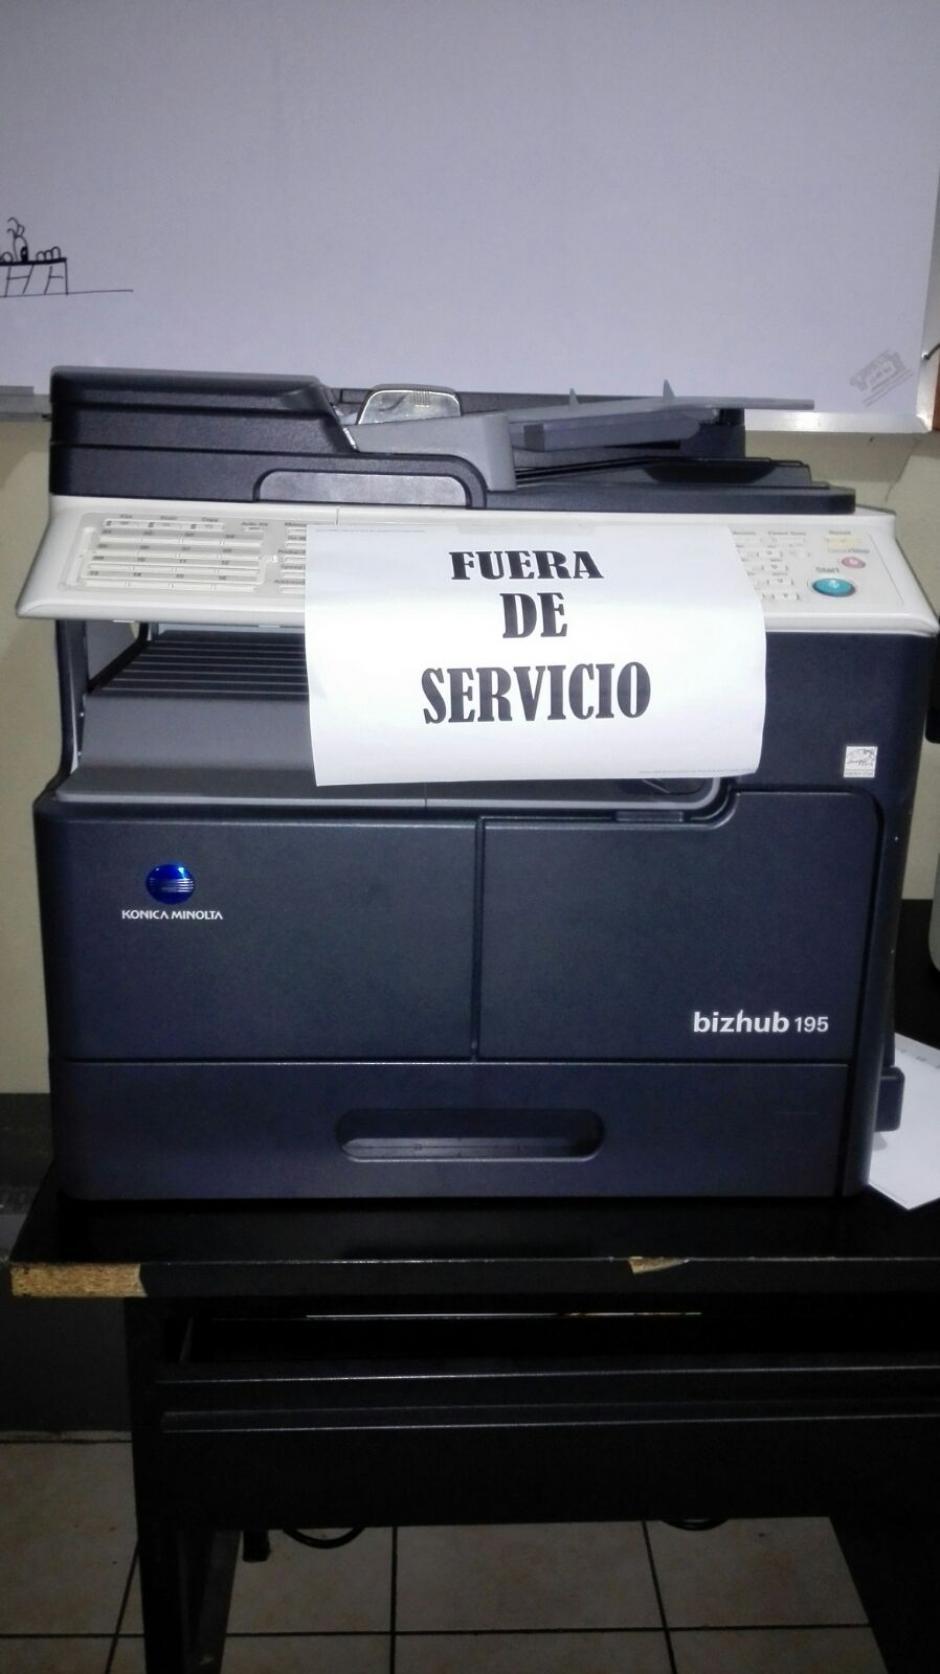 La fotocopiadora fuera de servicio es ejemplo de la precariedad en los insumos. (Foto: PDH)